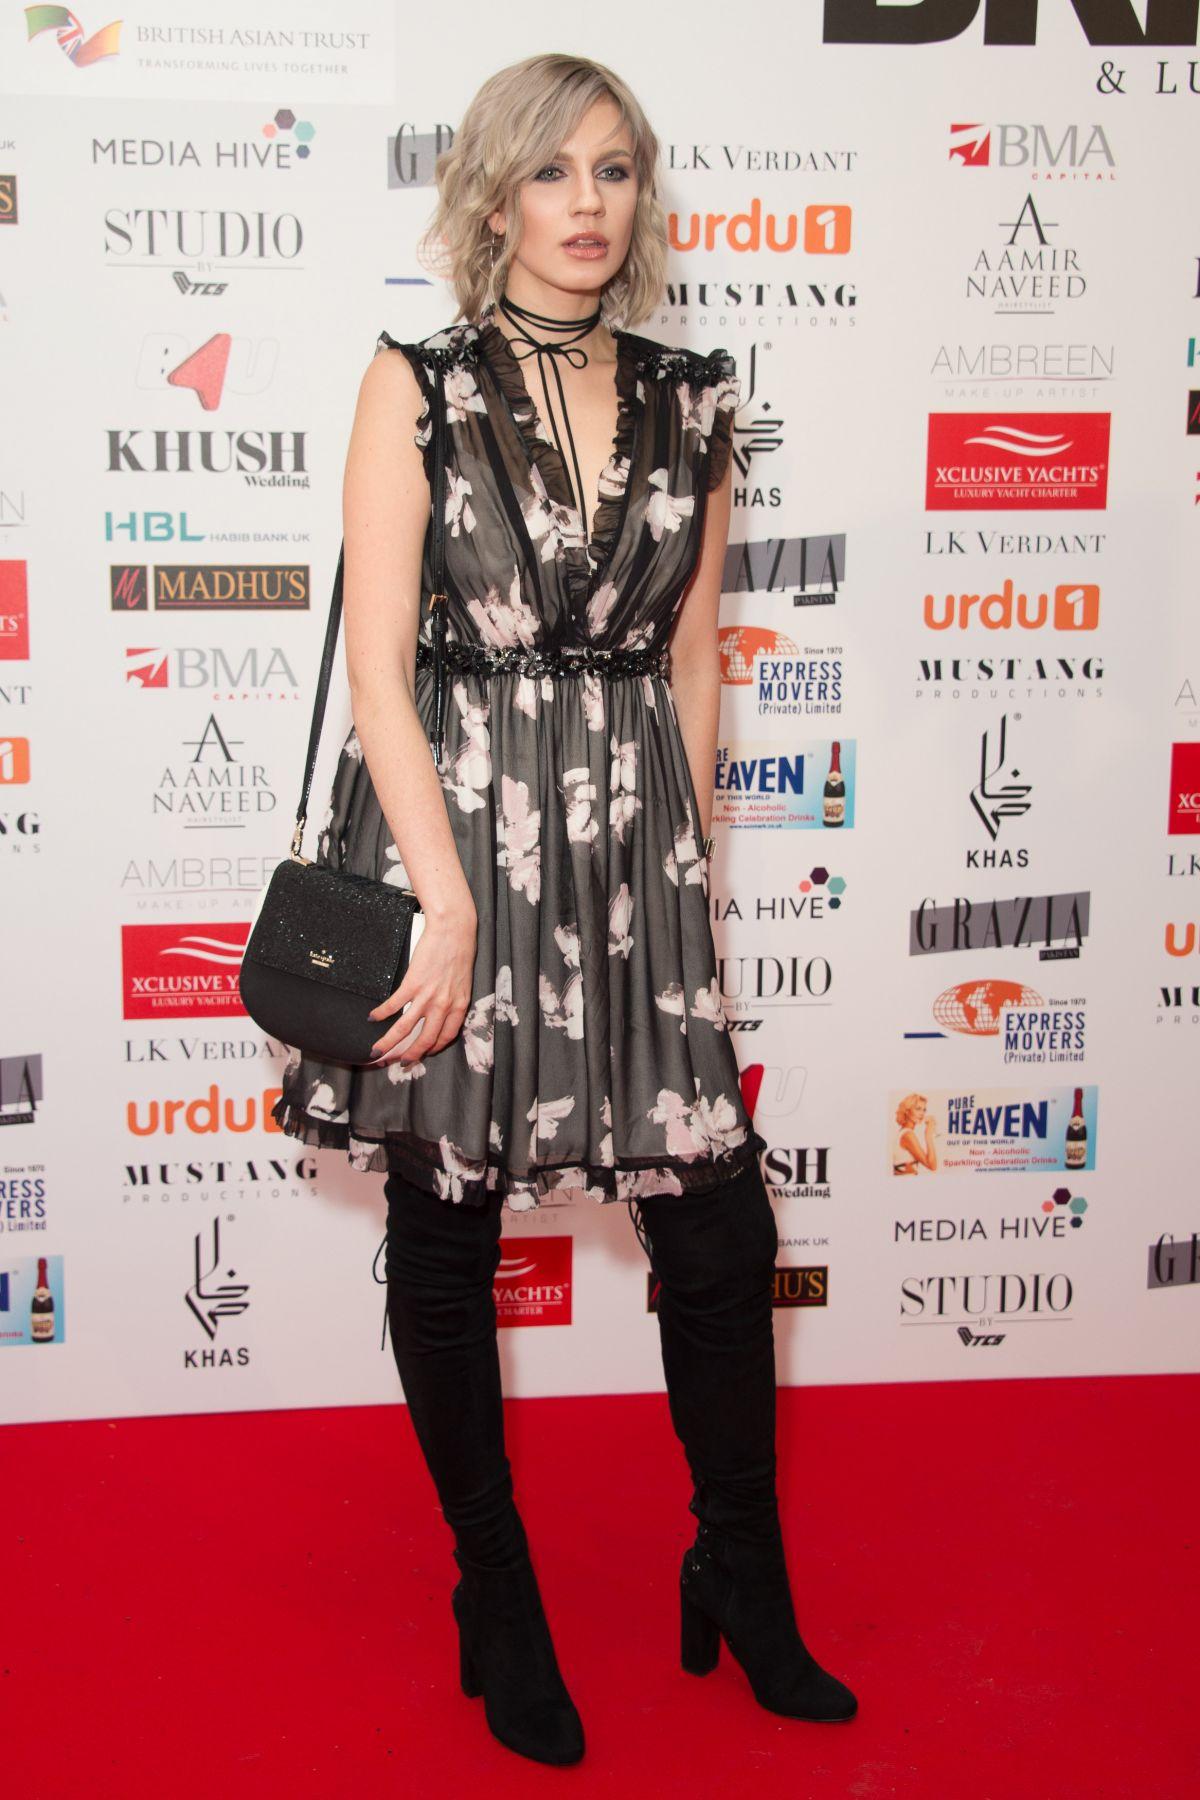 NIKITA ANDRIANOVA at Fashion Paradeat One Marylebone in London 02/06/2017